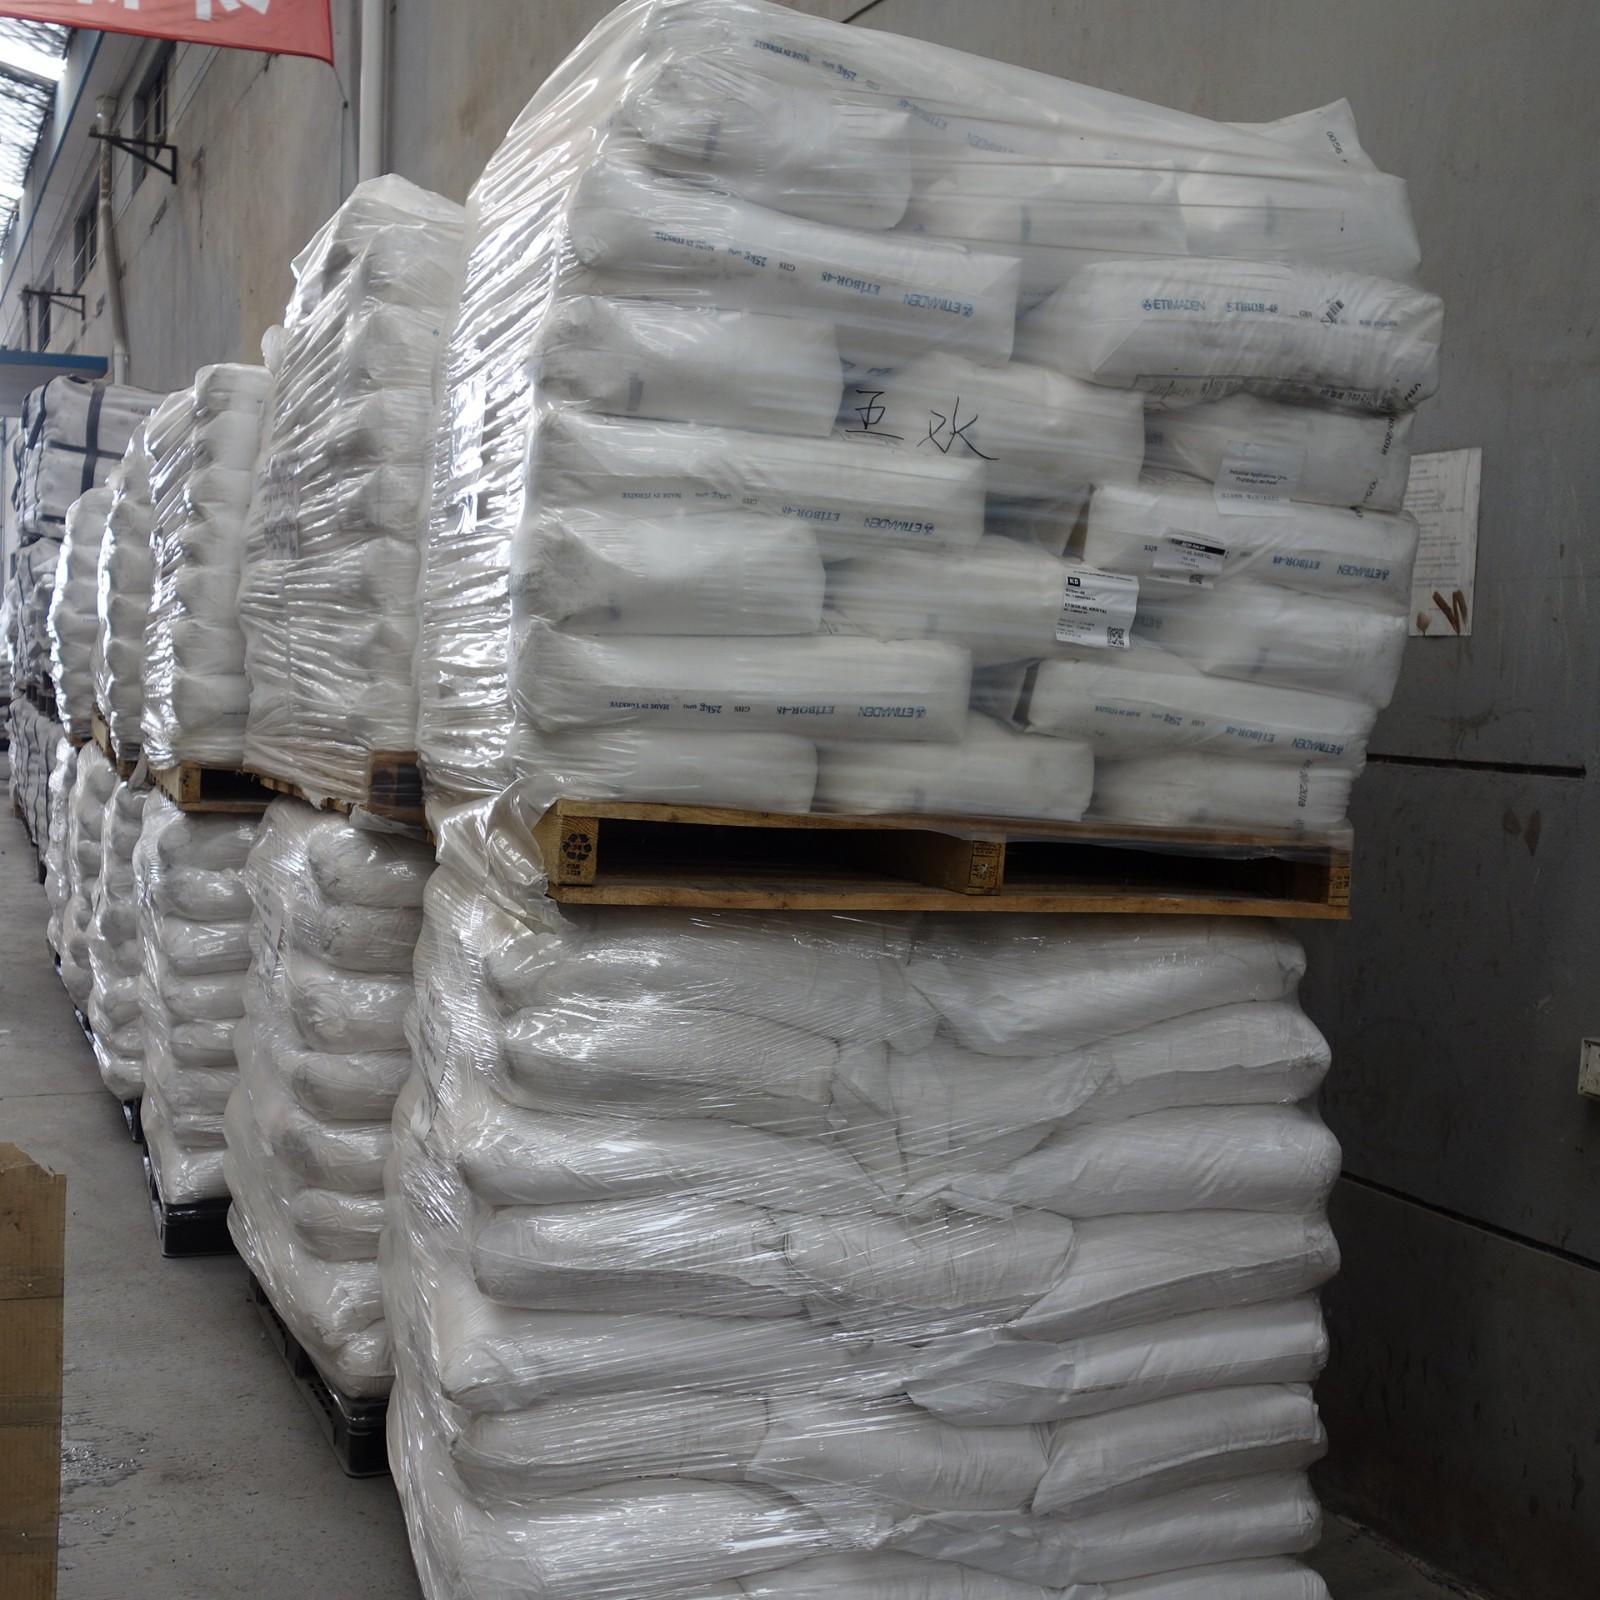 Yixin boric acid mix to kill ants company for Daily necessities